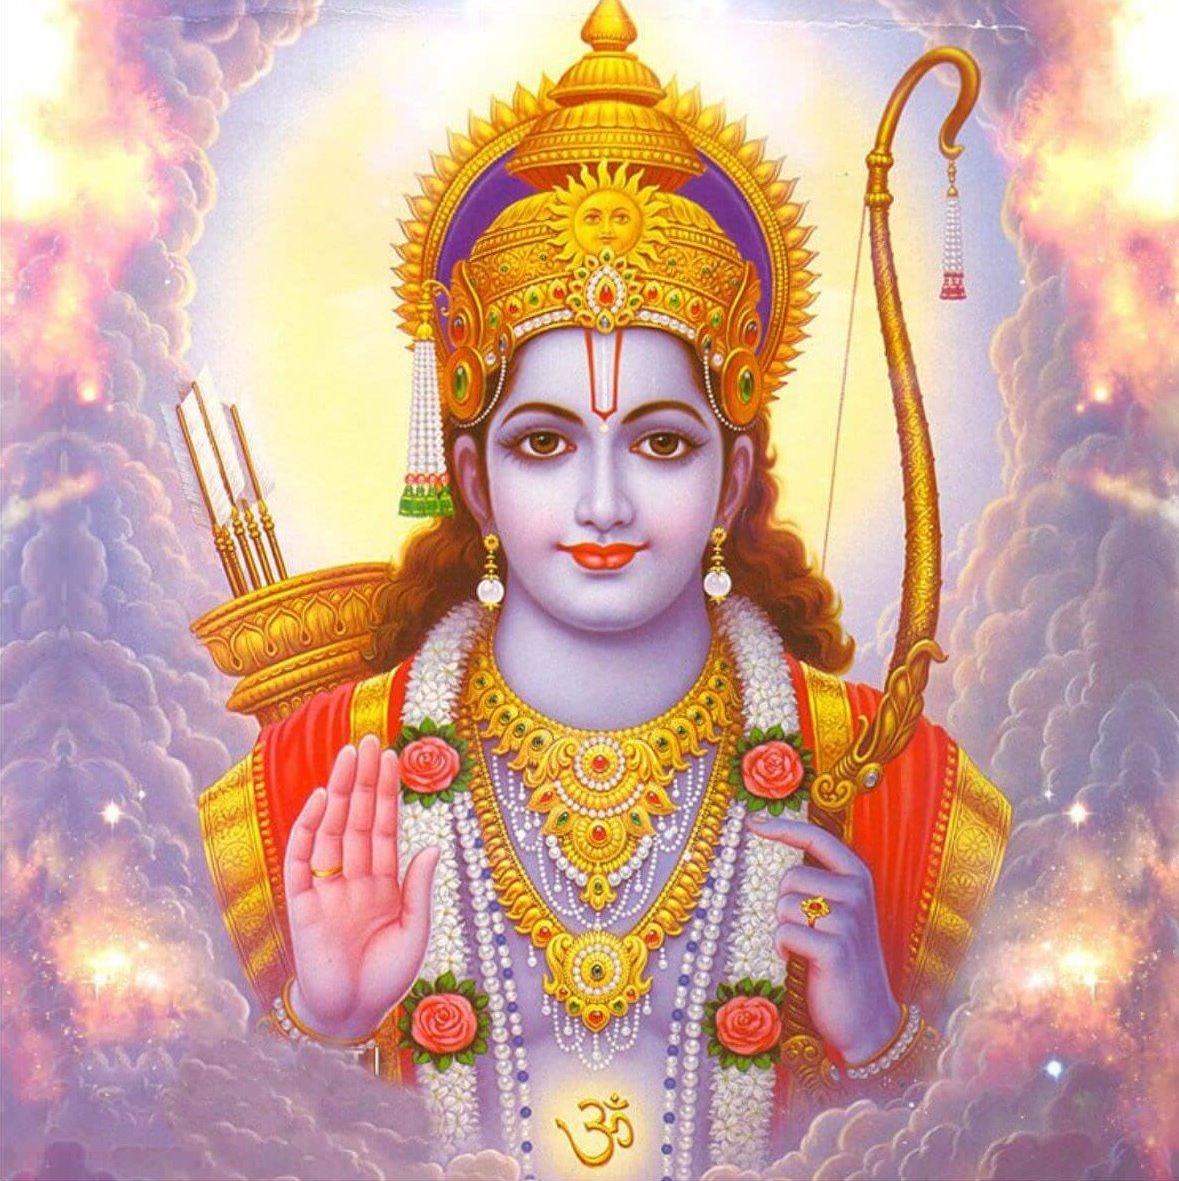 ಶ್ರೀರಾಮ ವಿಶ್ವವಂದಿತ; ಭಾರತದ ಅಸ್ಮಿತೆಯ ಪ್ರತೀಕ